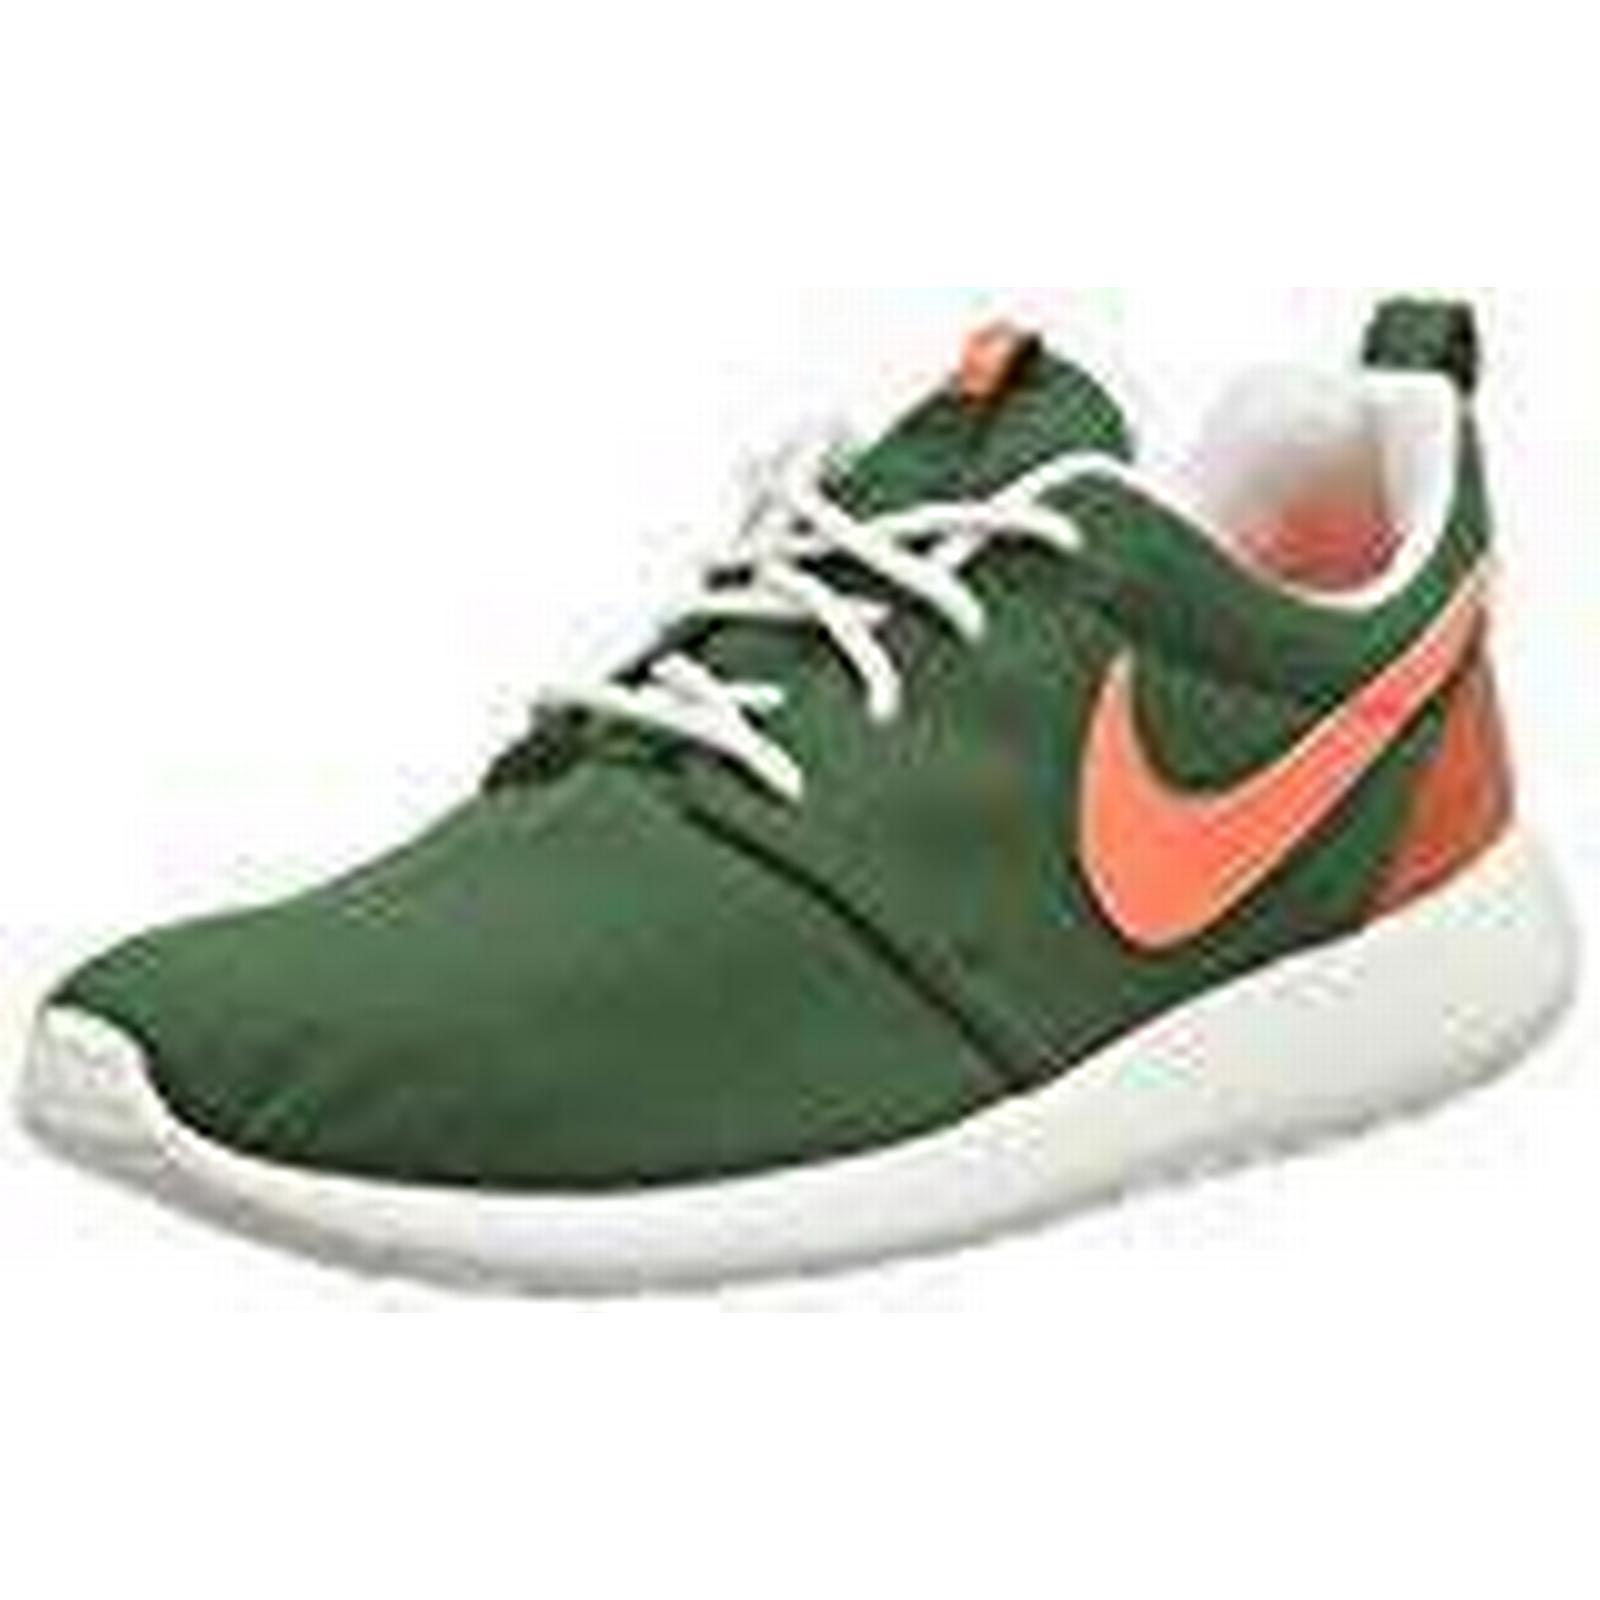 NIKE Women's WMNS Roshe Shoes, One Retro Training Running Shoes, Roshe Multicolor (Green/Orange), 5.5 UK 39 EU 39ec4e